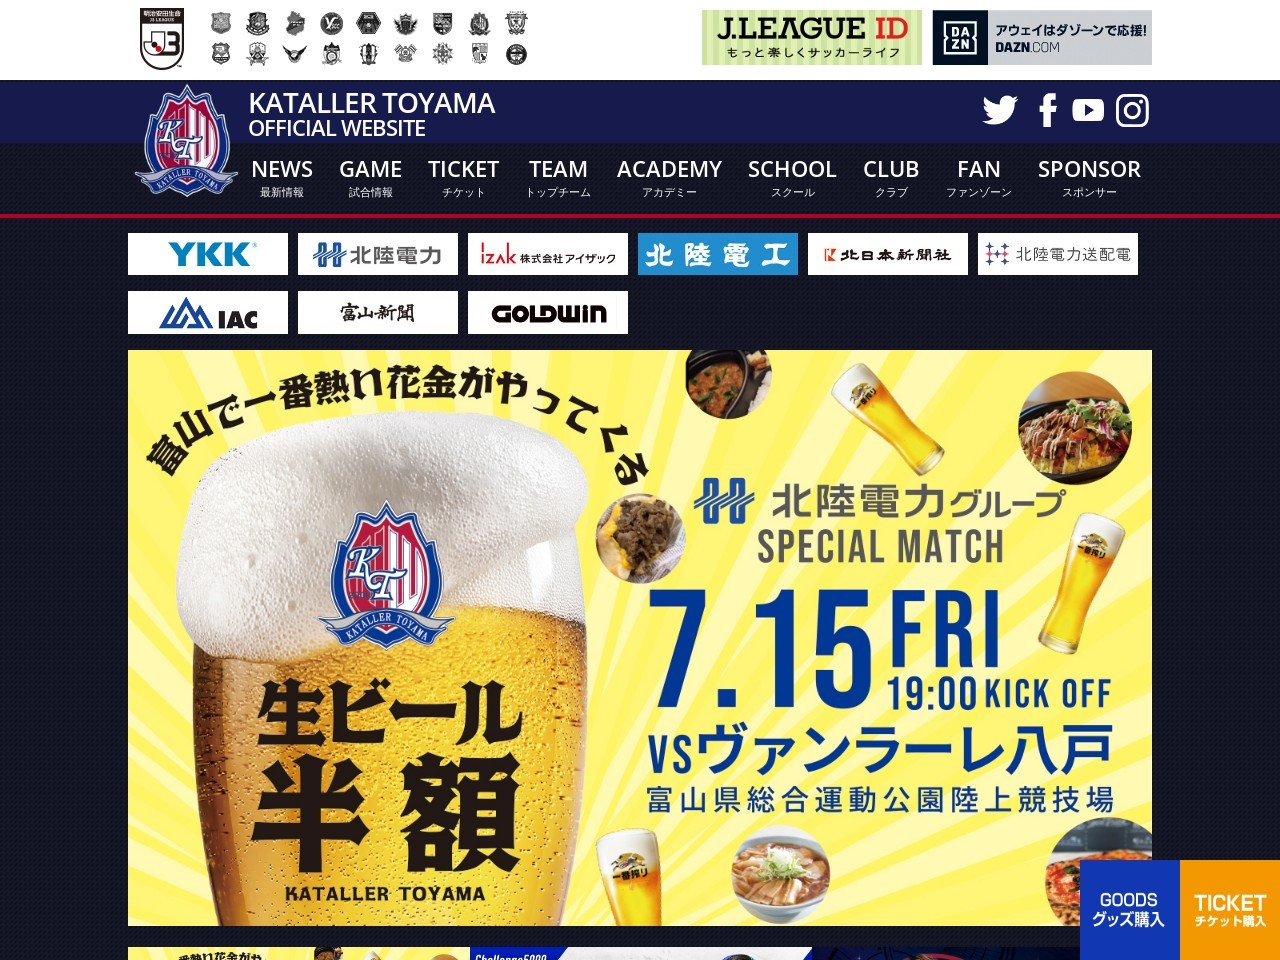 http://www.kataller.co.jp/news/2018/0619_4.html